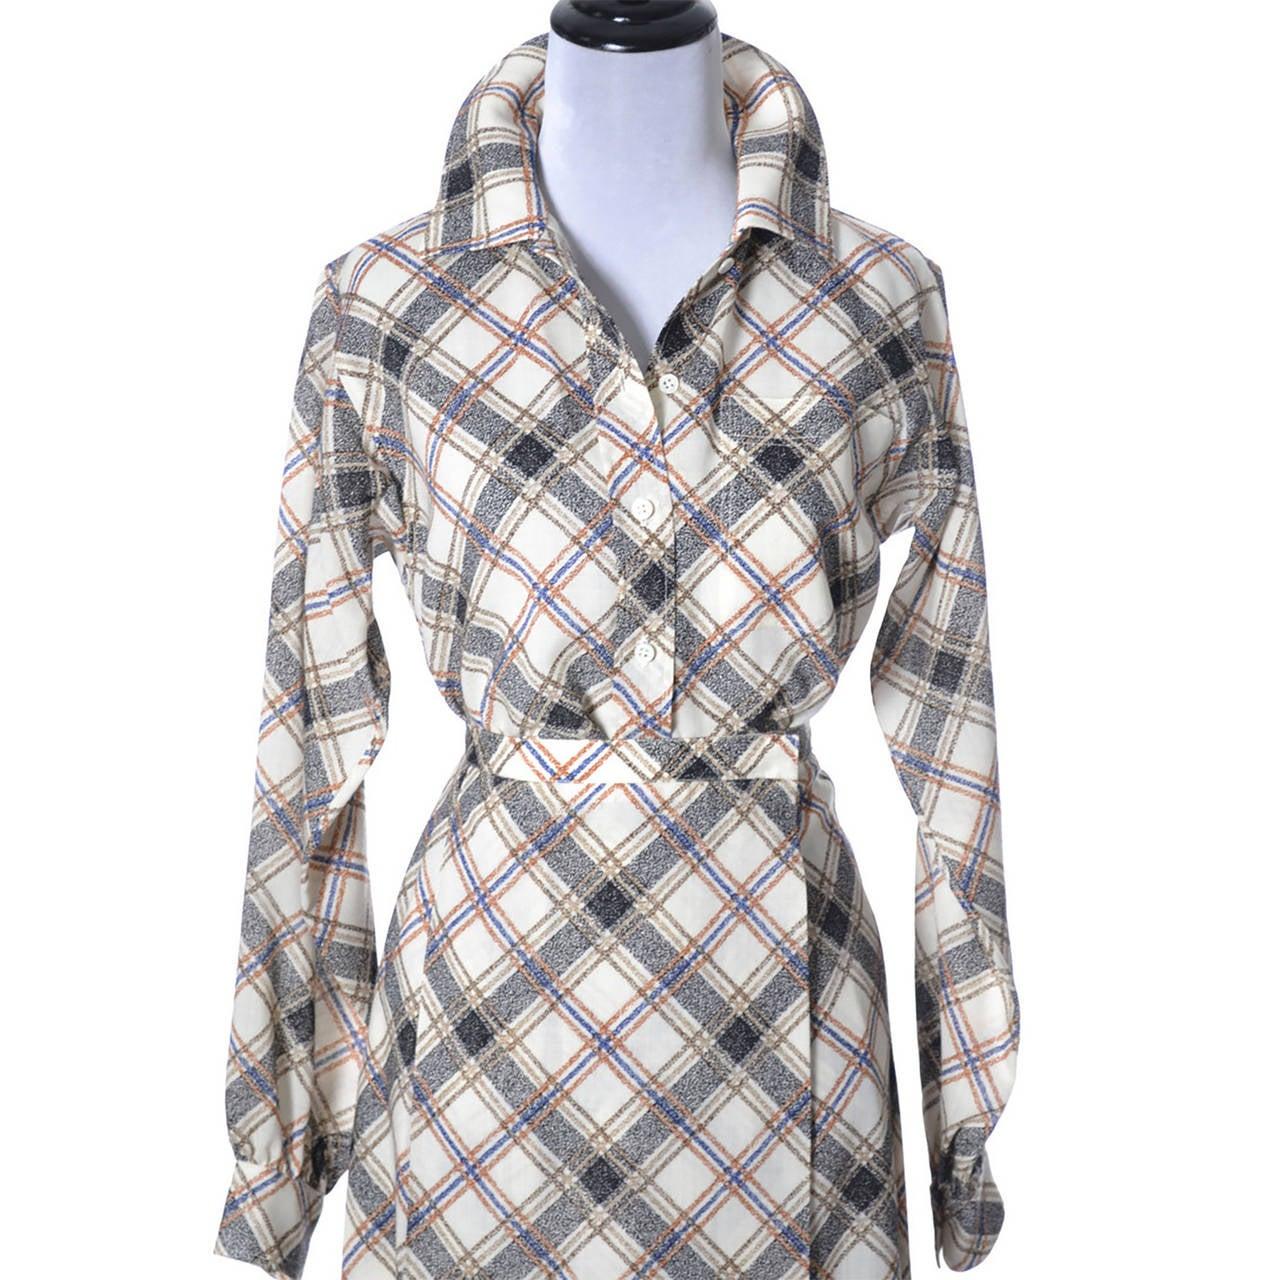 Gray 1970s YSL Vintage Yves Saint Laurent Rive Gauche 2 pc Dress Wrap Skirt & Blouse For Sale